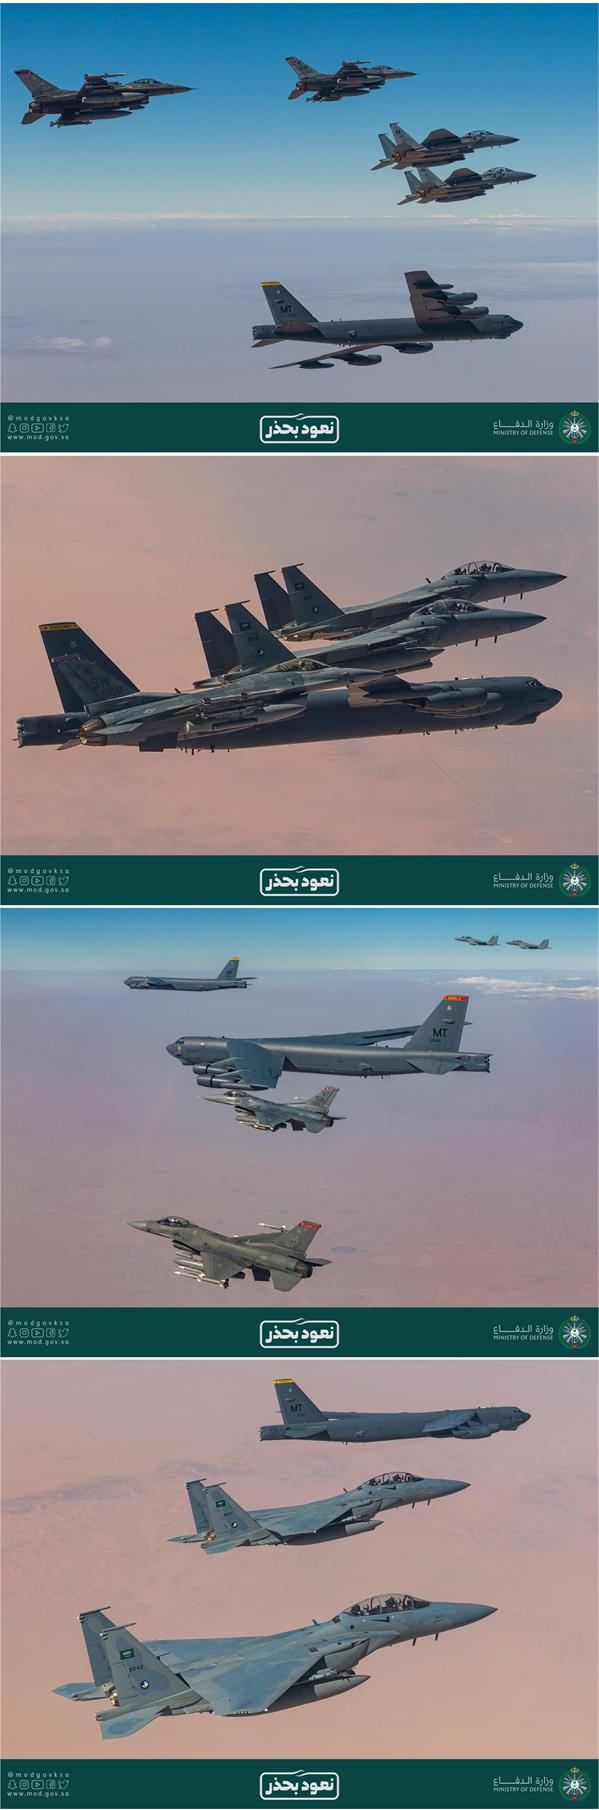 المقاتلات السعودية (ف١٥) والقاذفات الأمريكية الاستراتيجية (بي-٥٢) في تمرين مشترك.